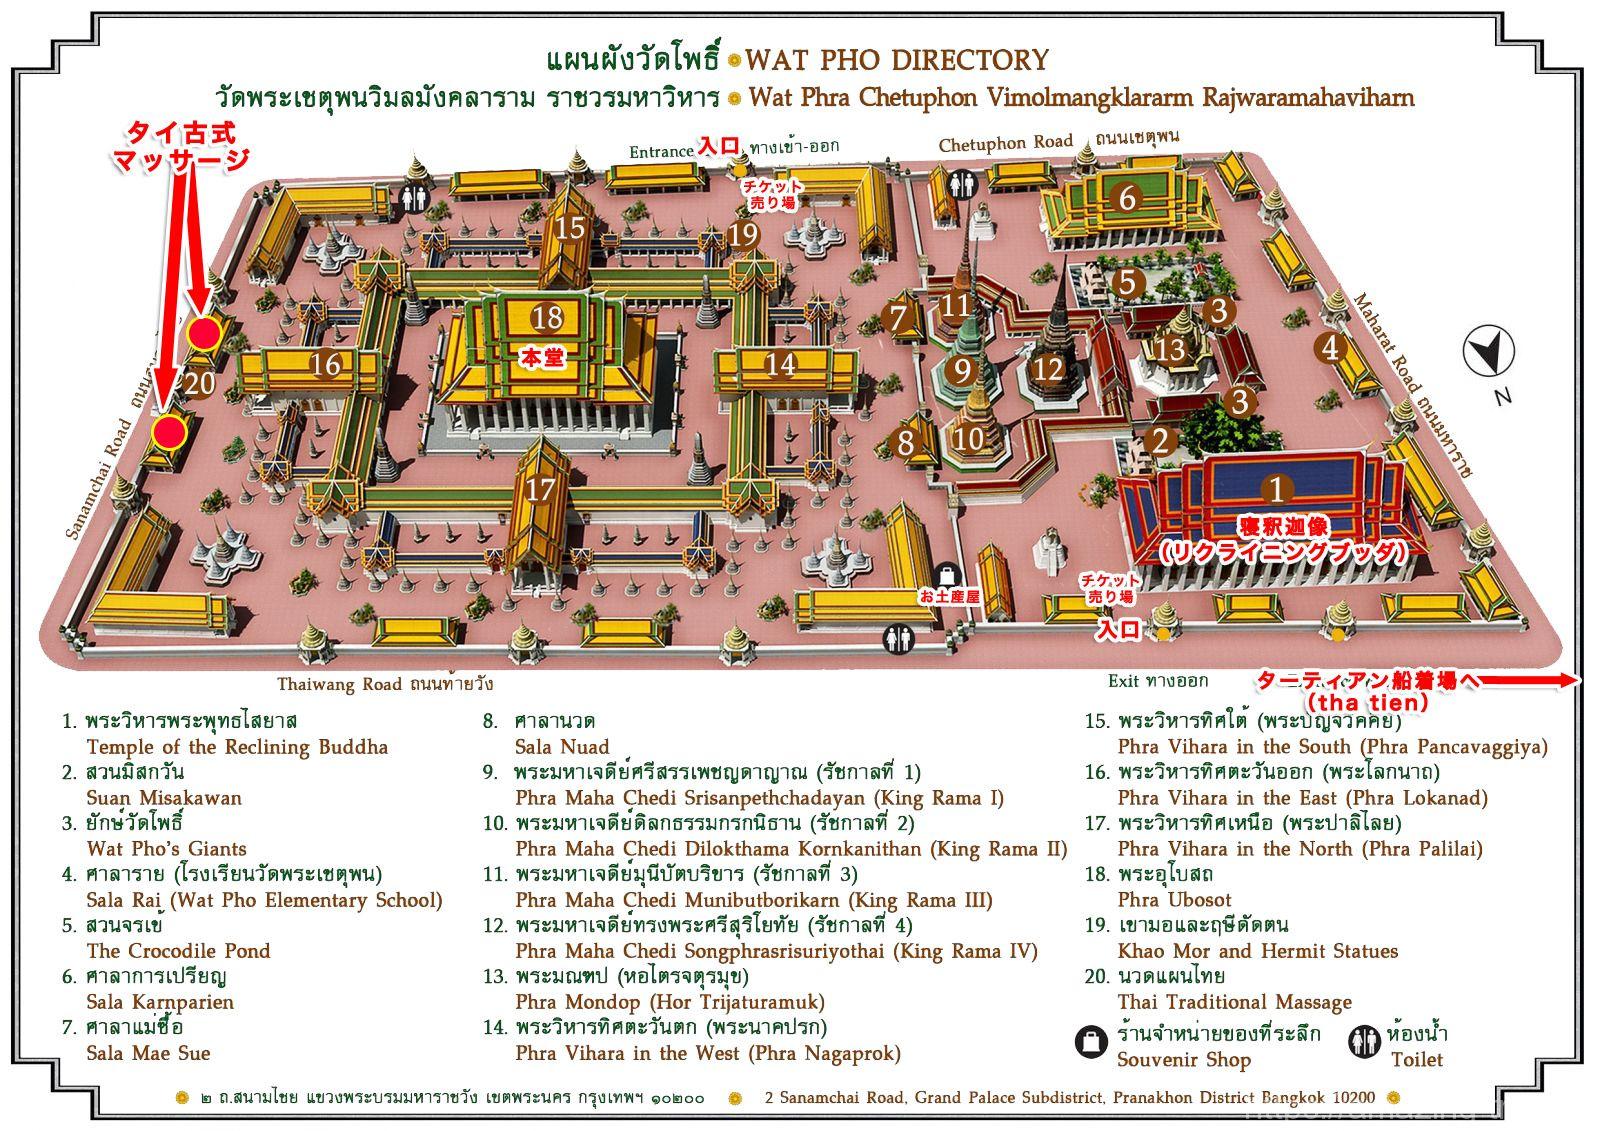 ワットポー寺院内マップ